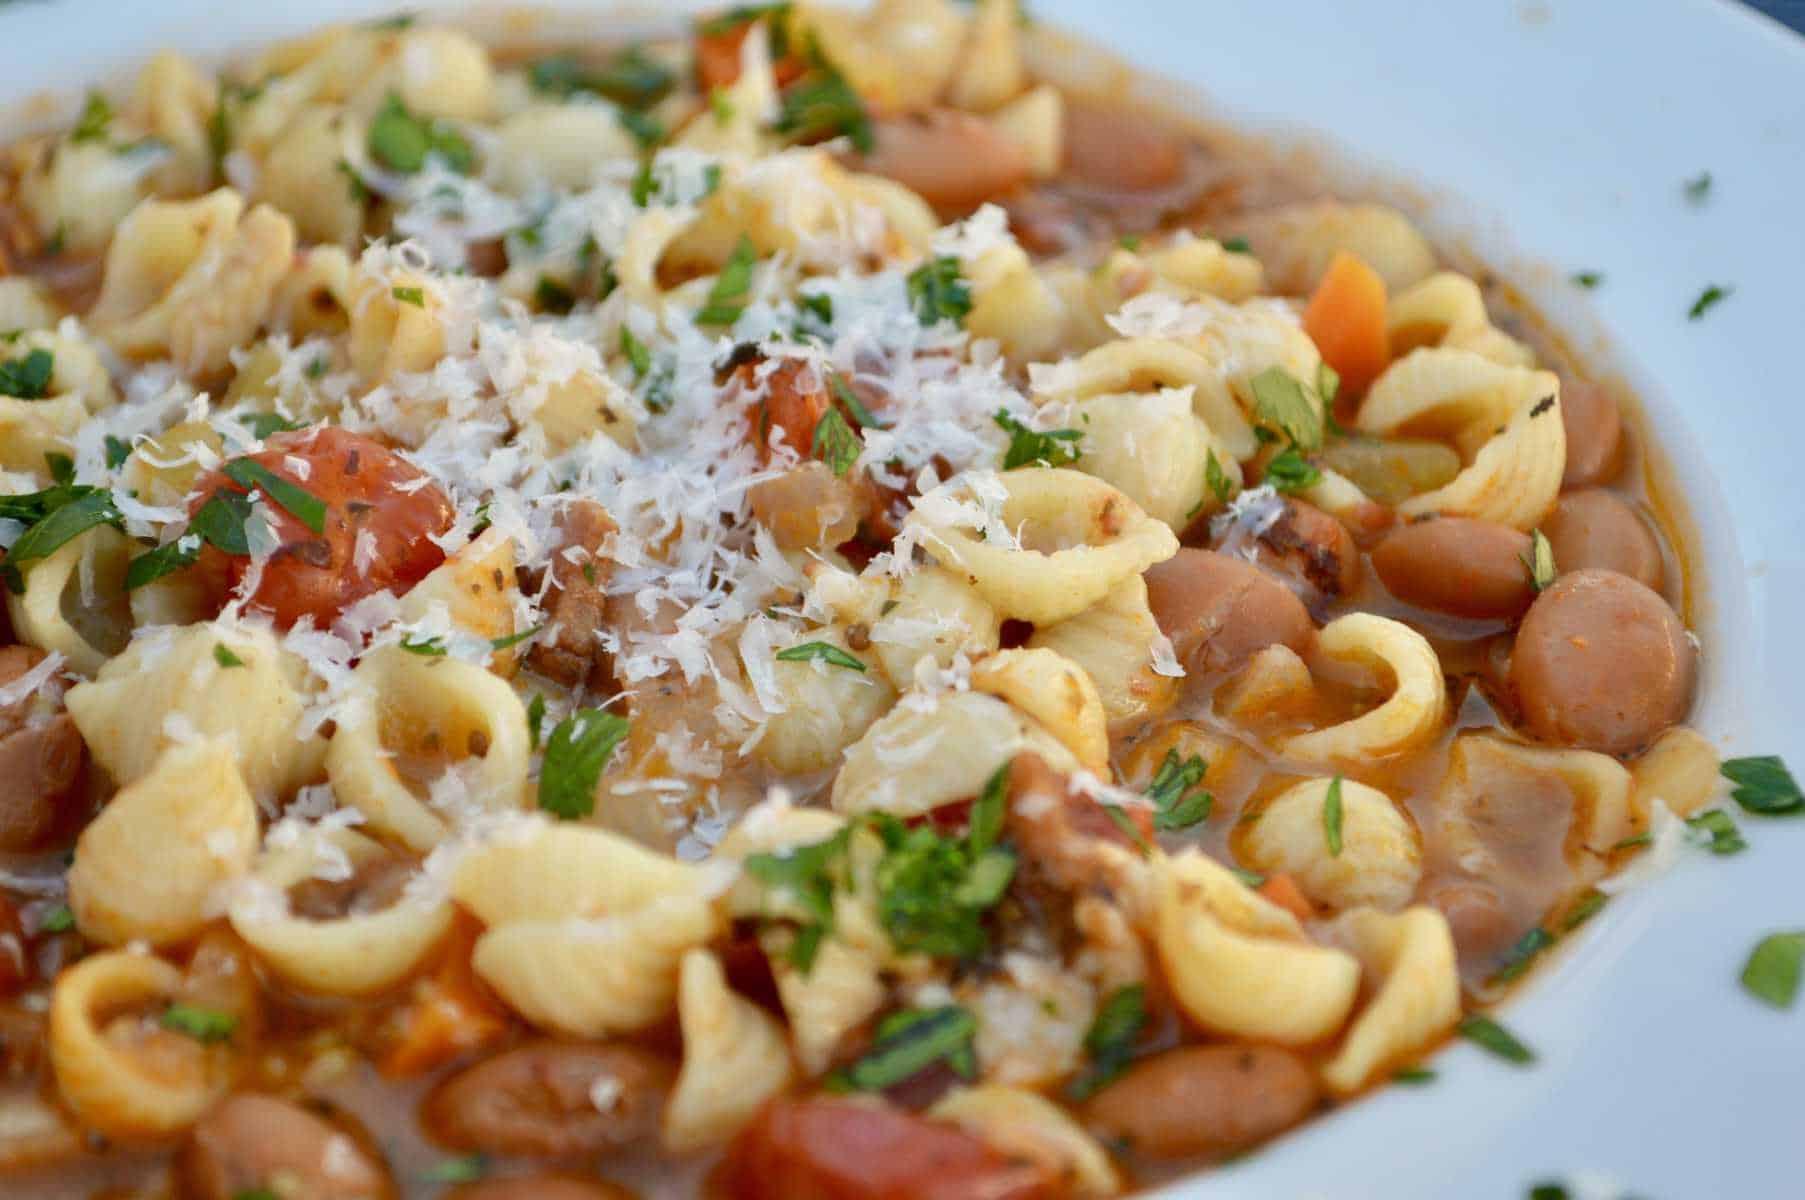 pasta e fagioli soup in a white bowl